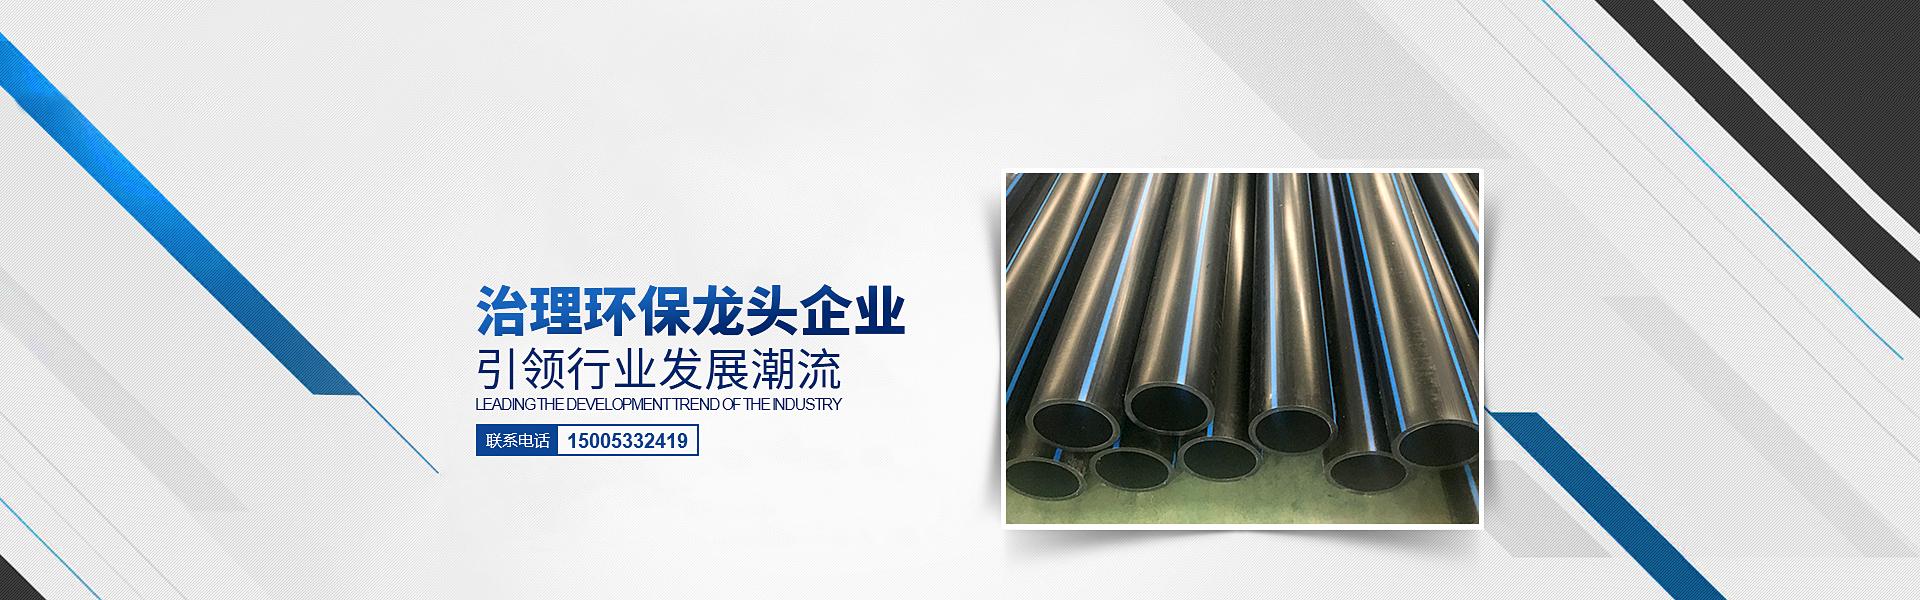 山东文远环保科技股份有限公司